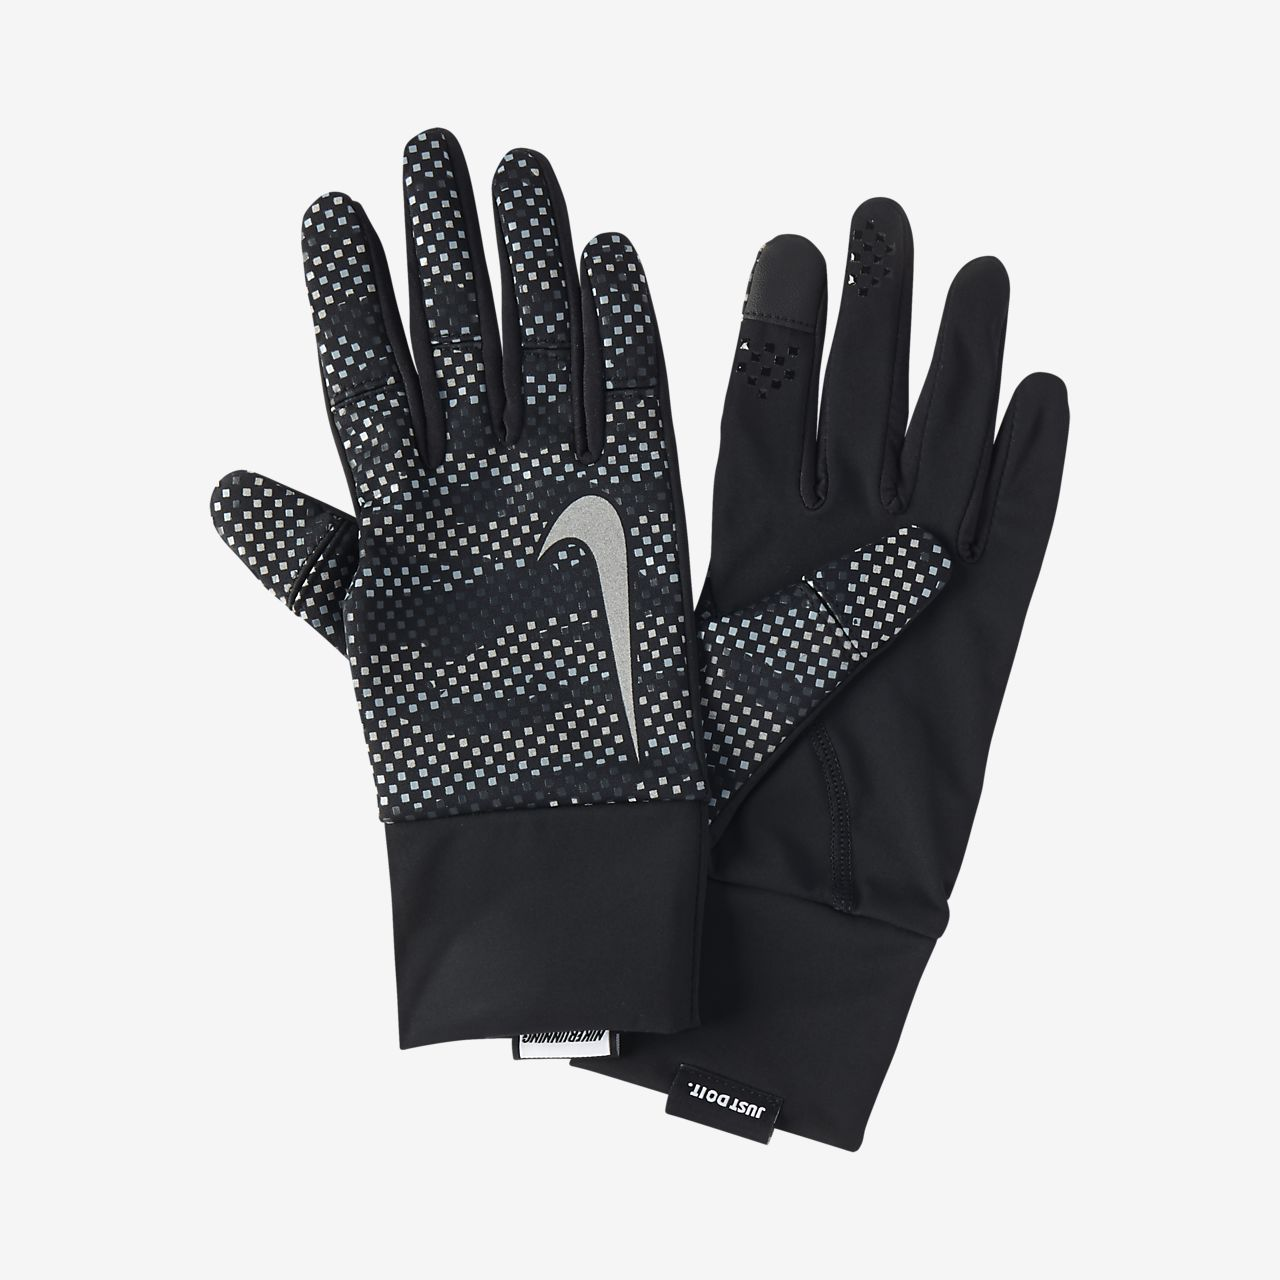 Γυναικεία γάντια για τρέξιμο Nike Vapor Flash 2.0